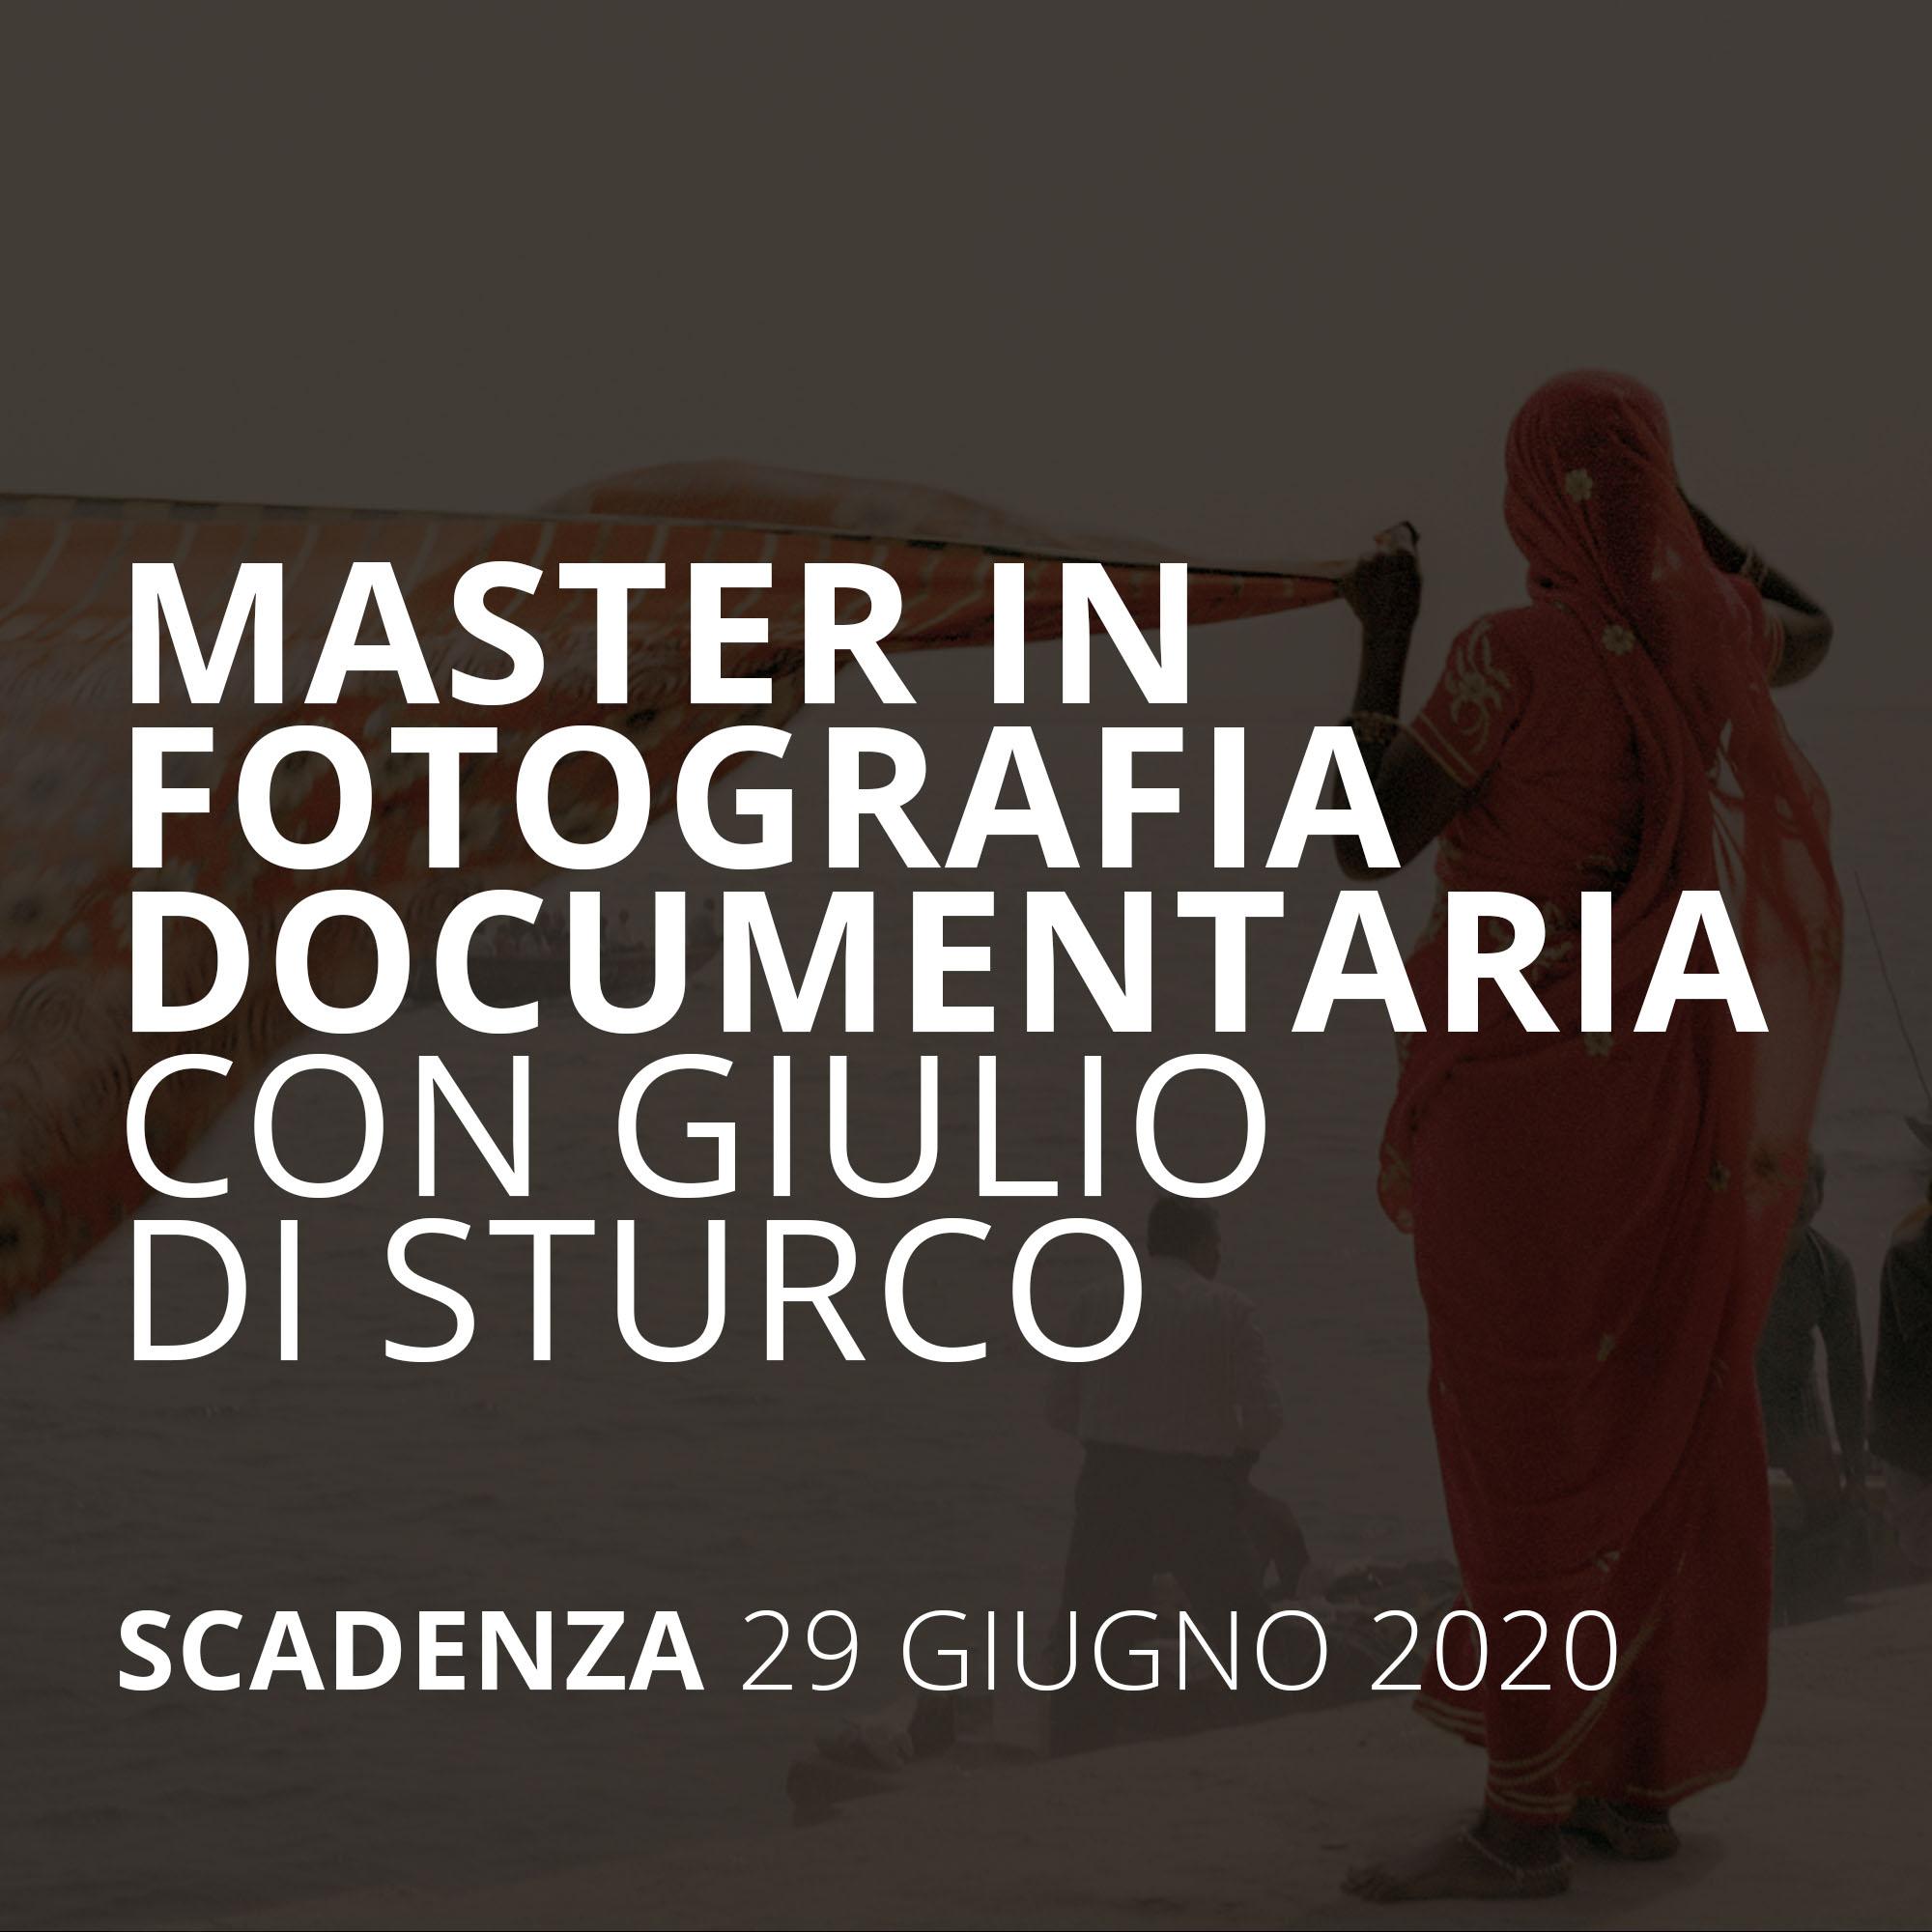 BORSE DI STUDIO FOTOGRAFIA DOCUMENTARIA